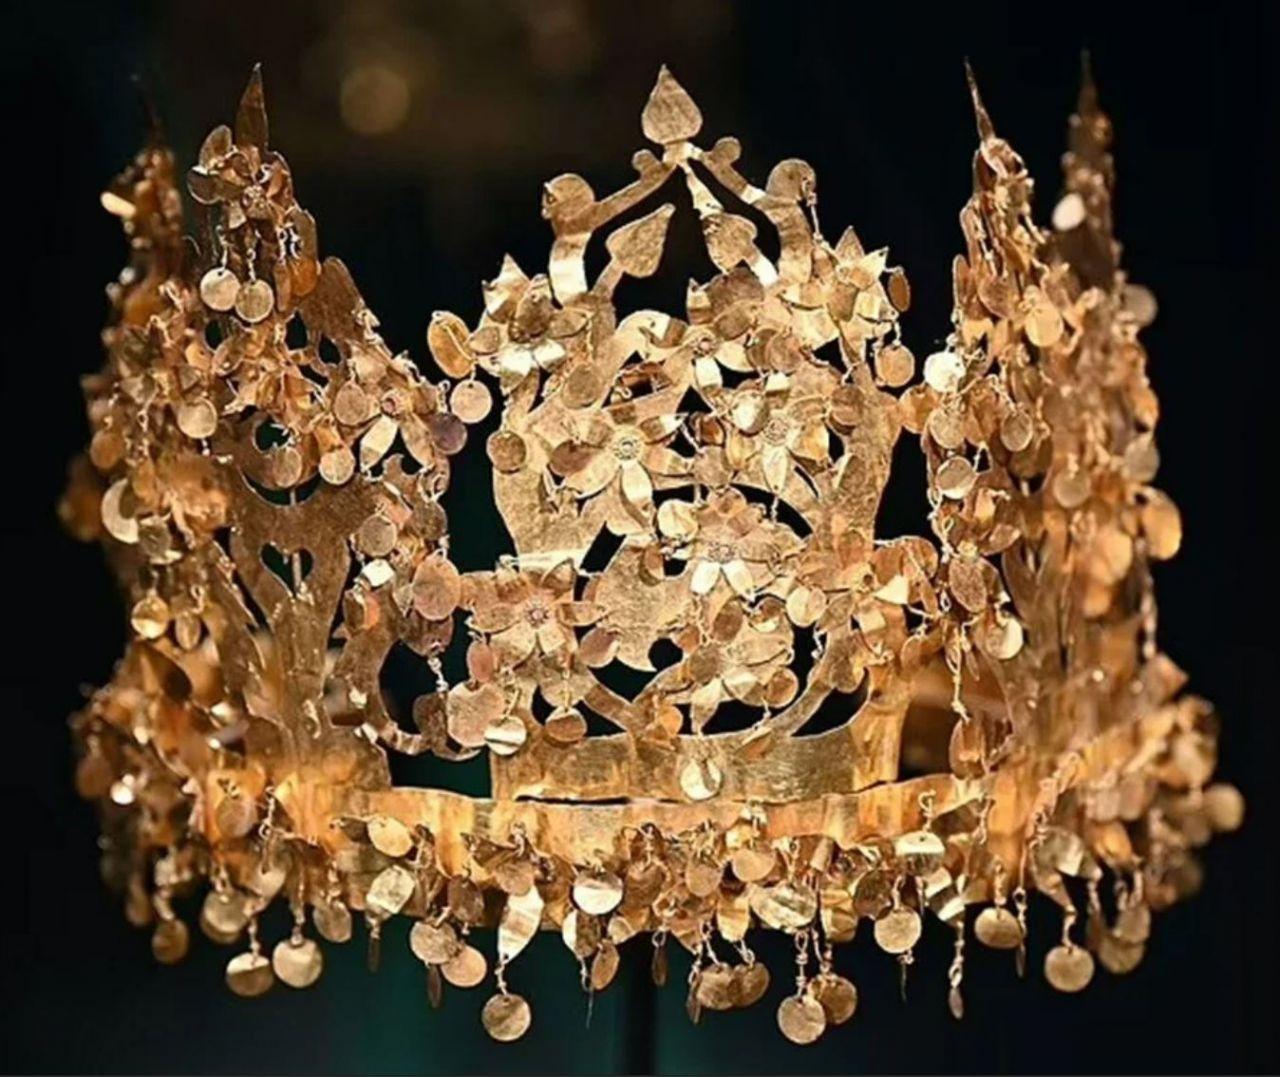 Dünyanın en büyük altın koleksiyonu! Taliban peşine düştü: 20 bin tane bulunuyor